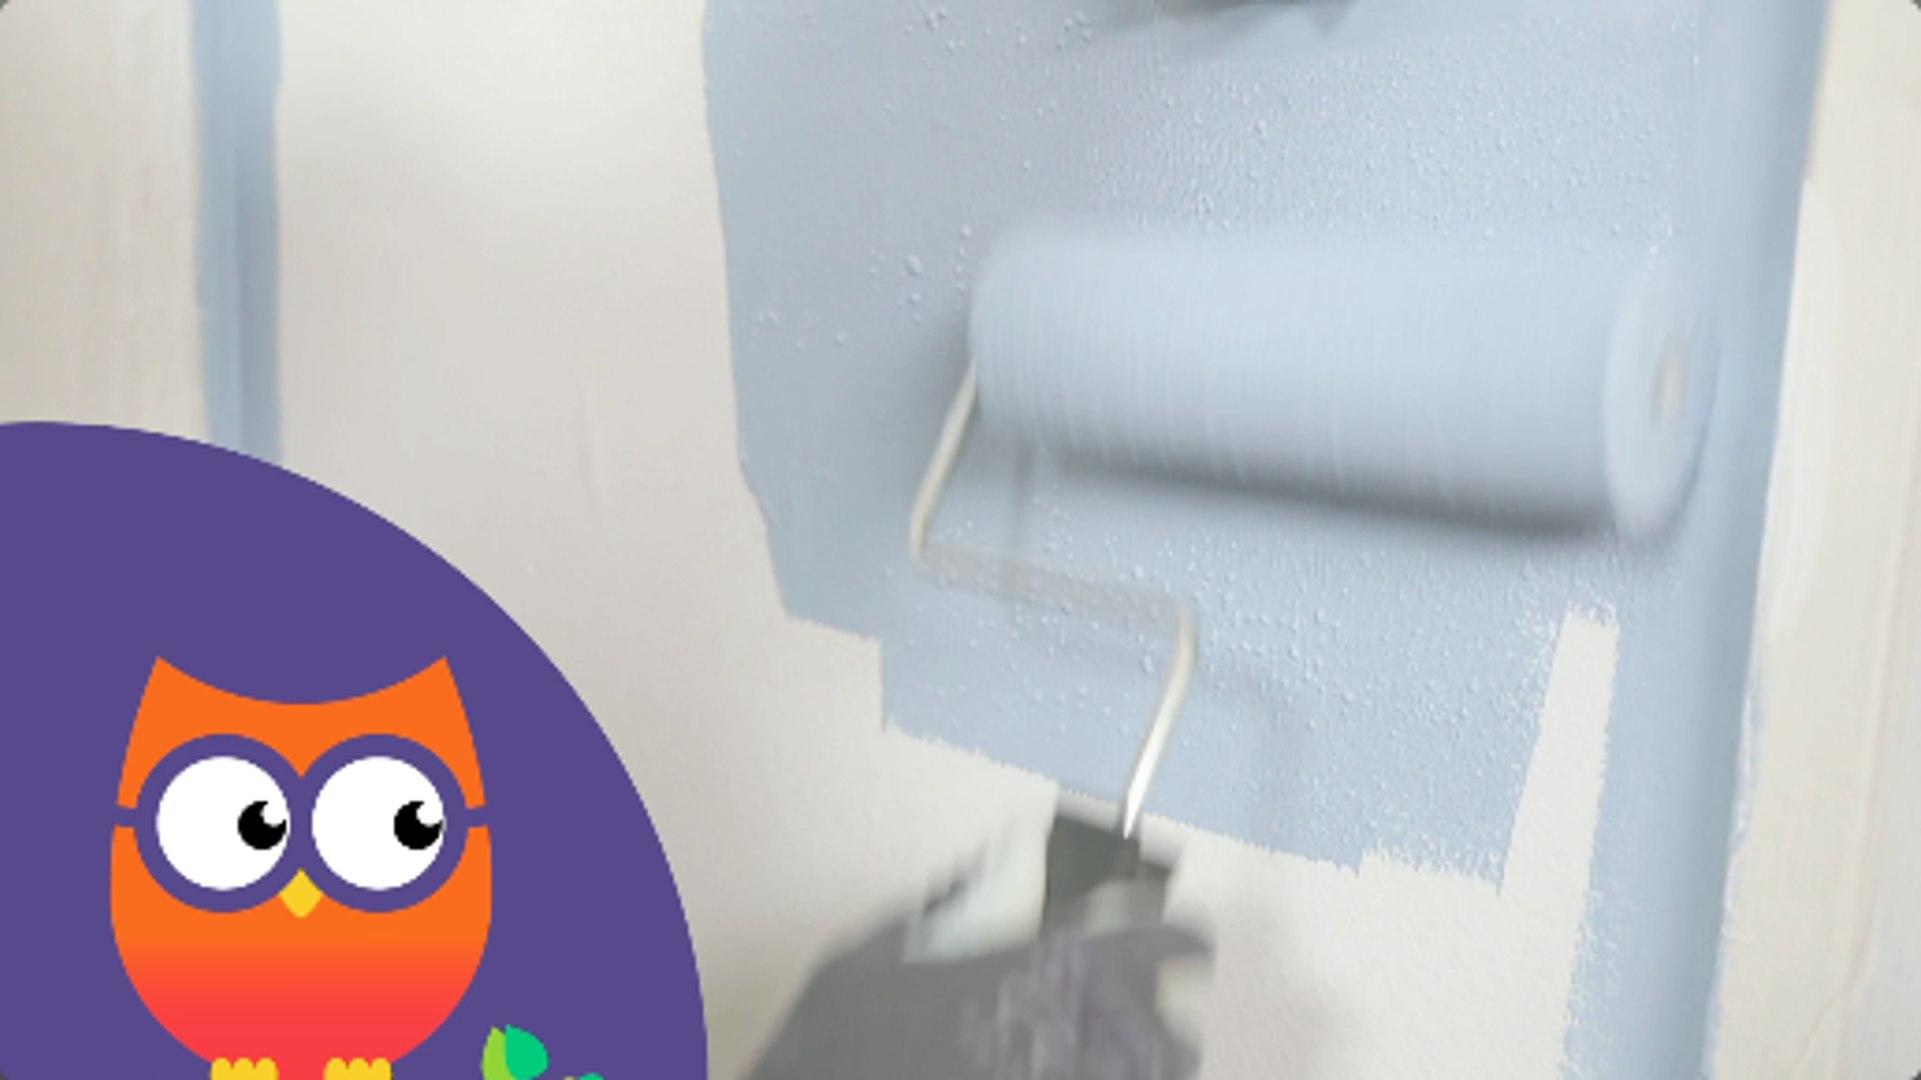 Comment Peindre Sur Du Papier Peint Ooreka Fr Video Dailymotion